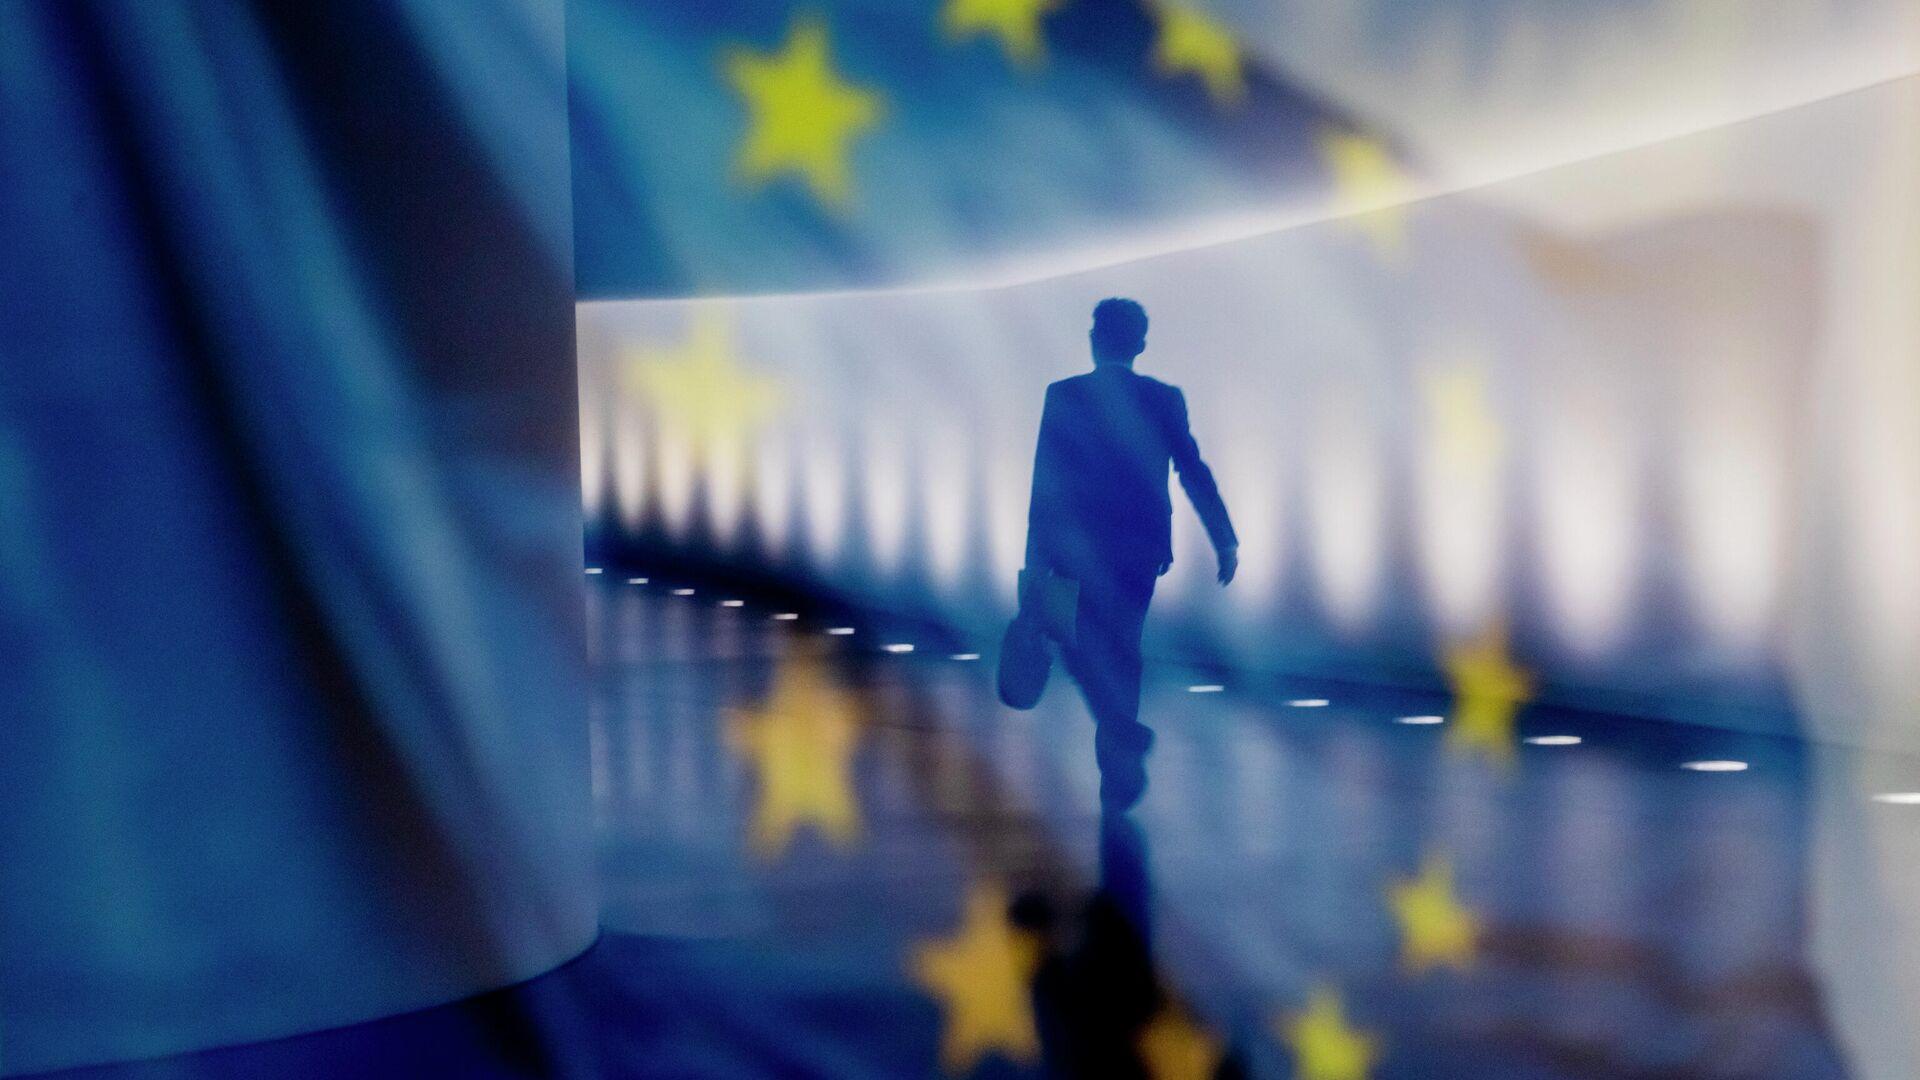 Отражение мужчины на фоне флага ЕС - РИА Новости, 1920, 05.02.2021